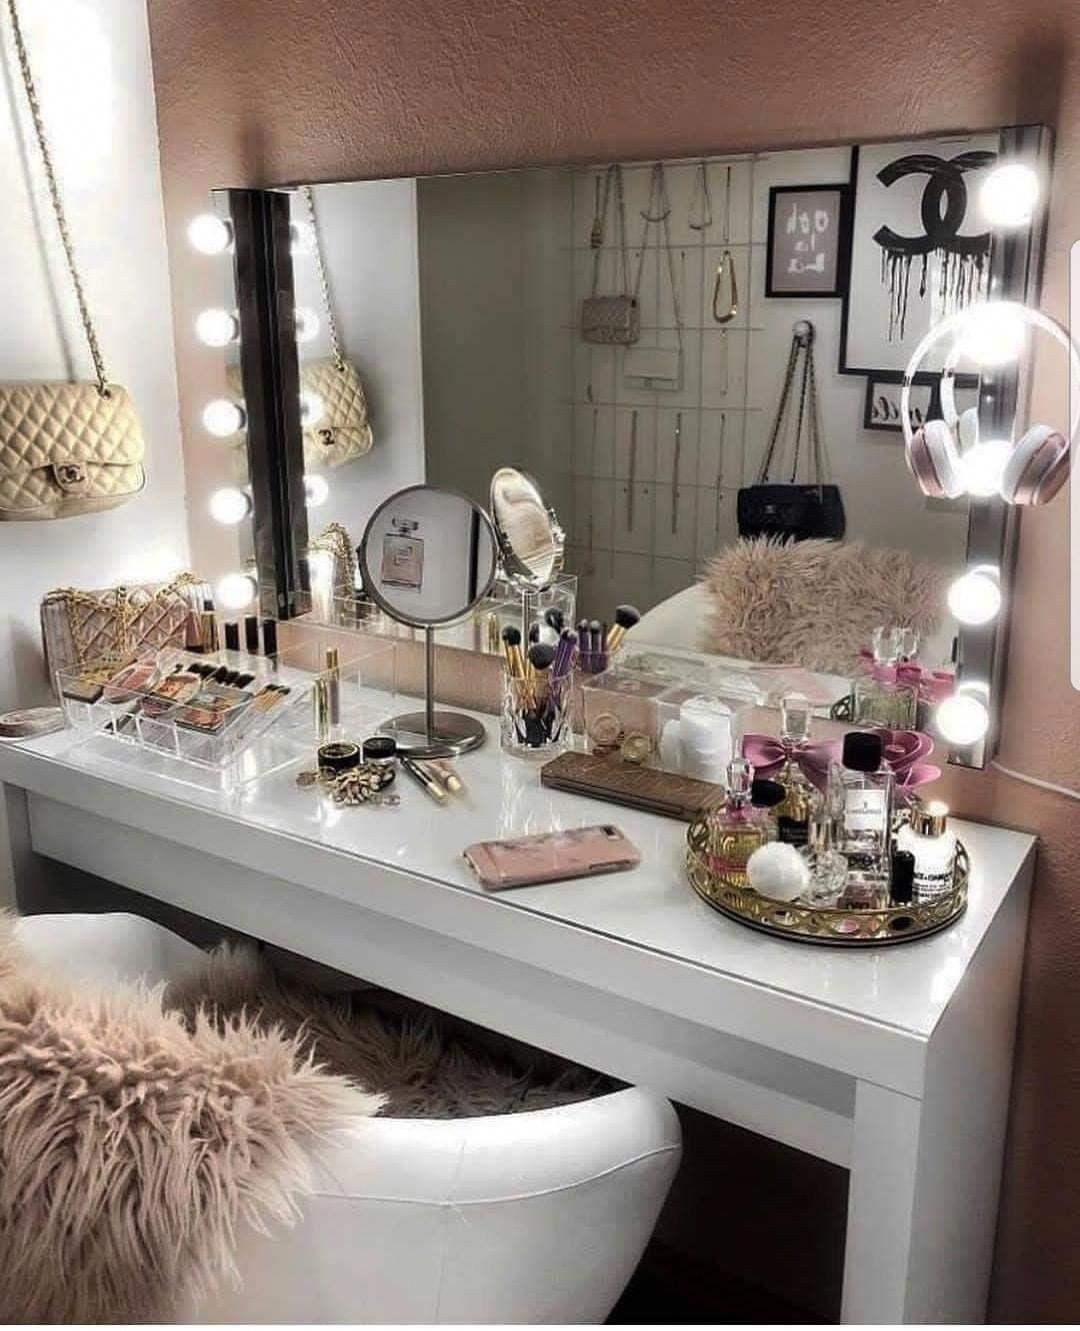 LuxuryBeddingSetsQueen Post:3 #BeautifulBedroomIdeas